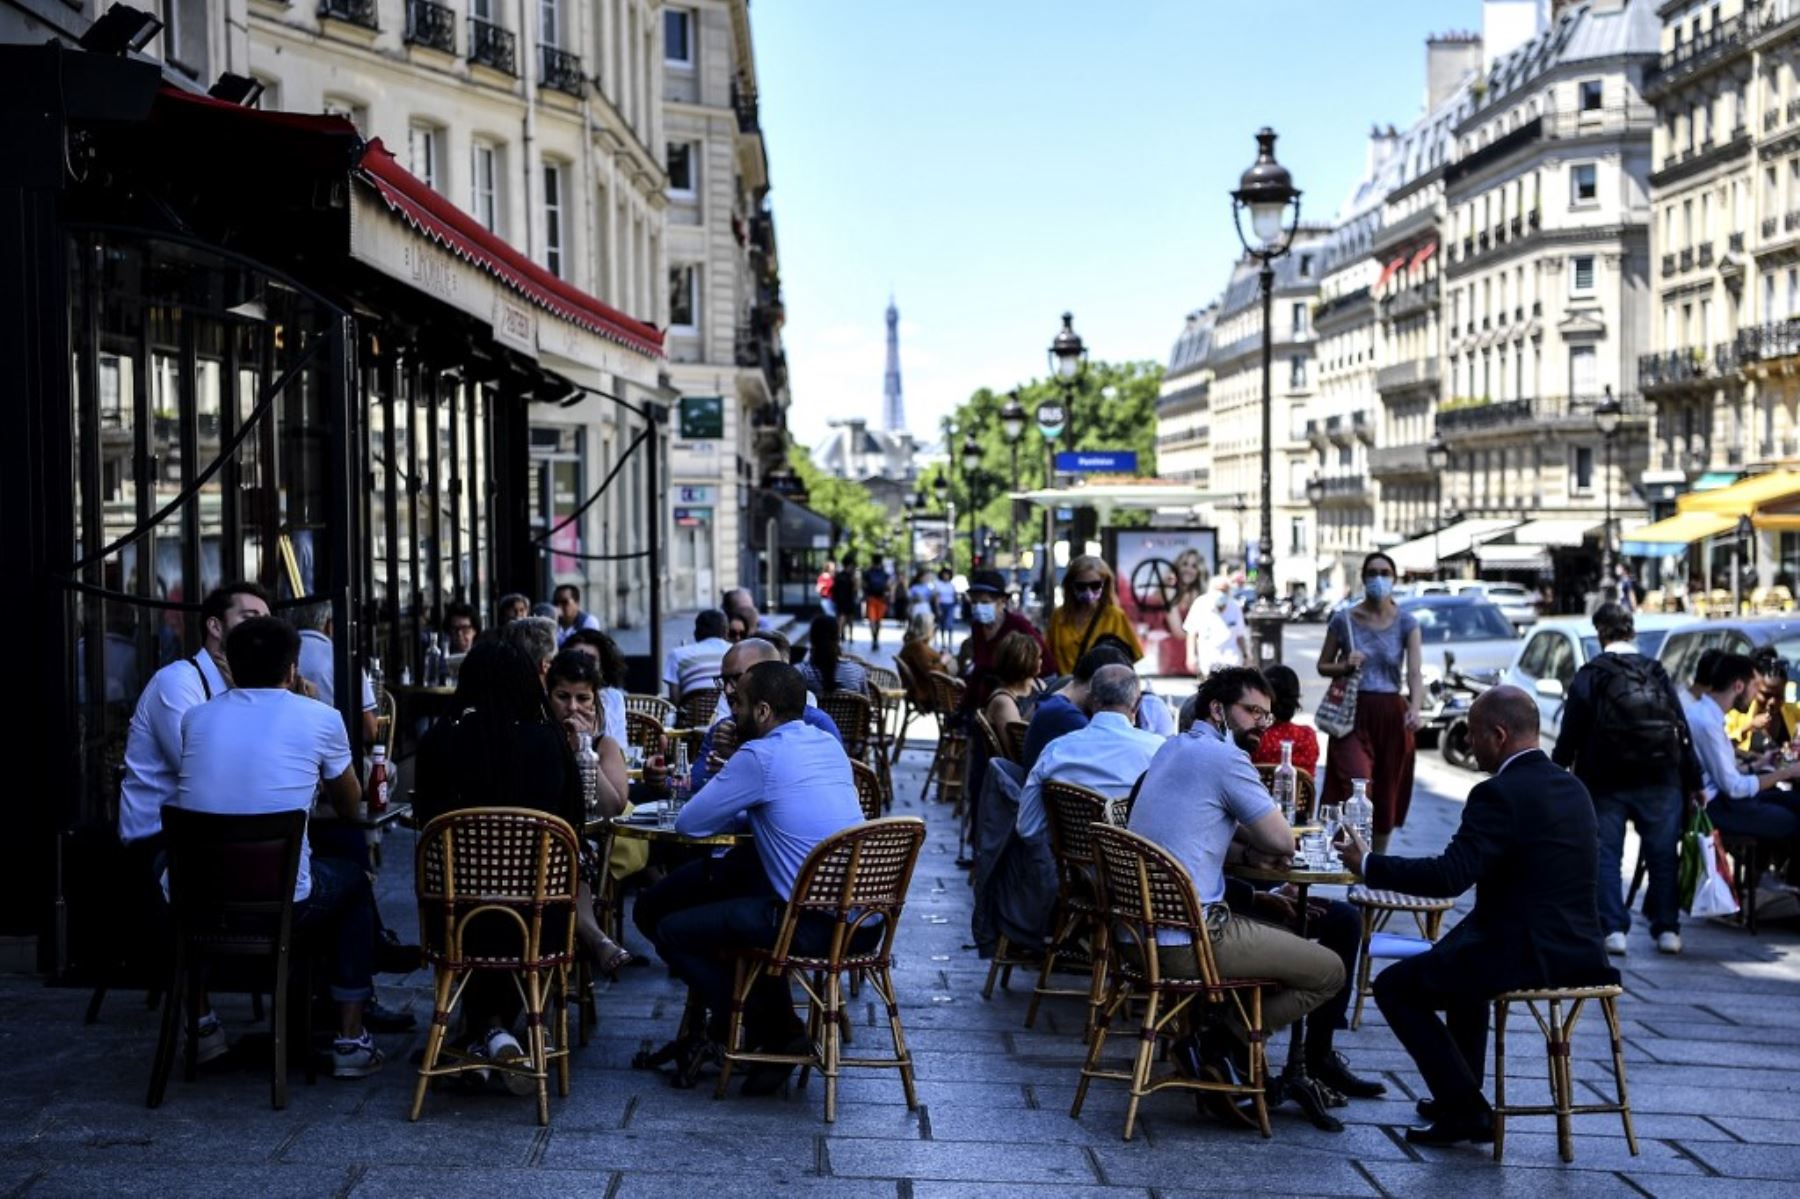 Los clientes se sientan en la terraza de un café-restaurante en la Rue Soufflot en París. Foto: AFP